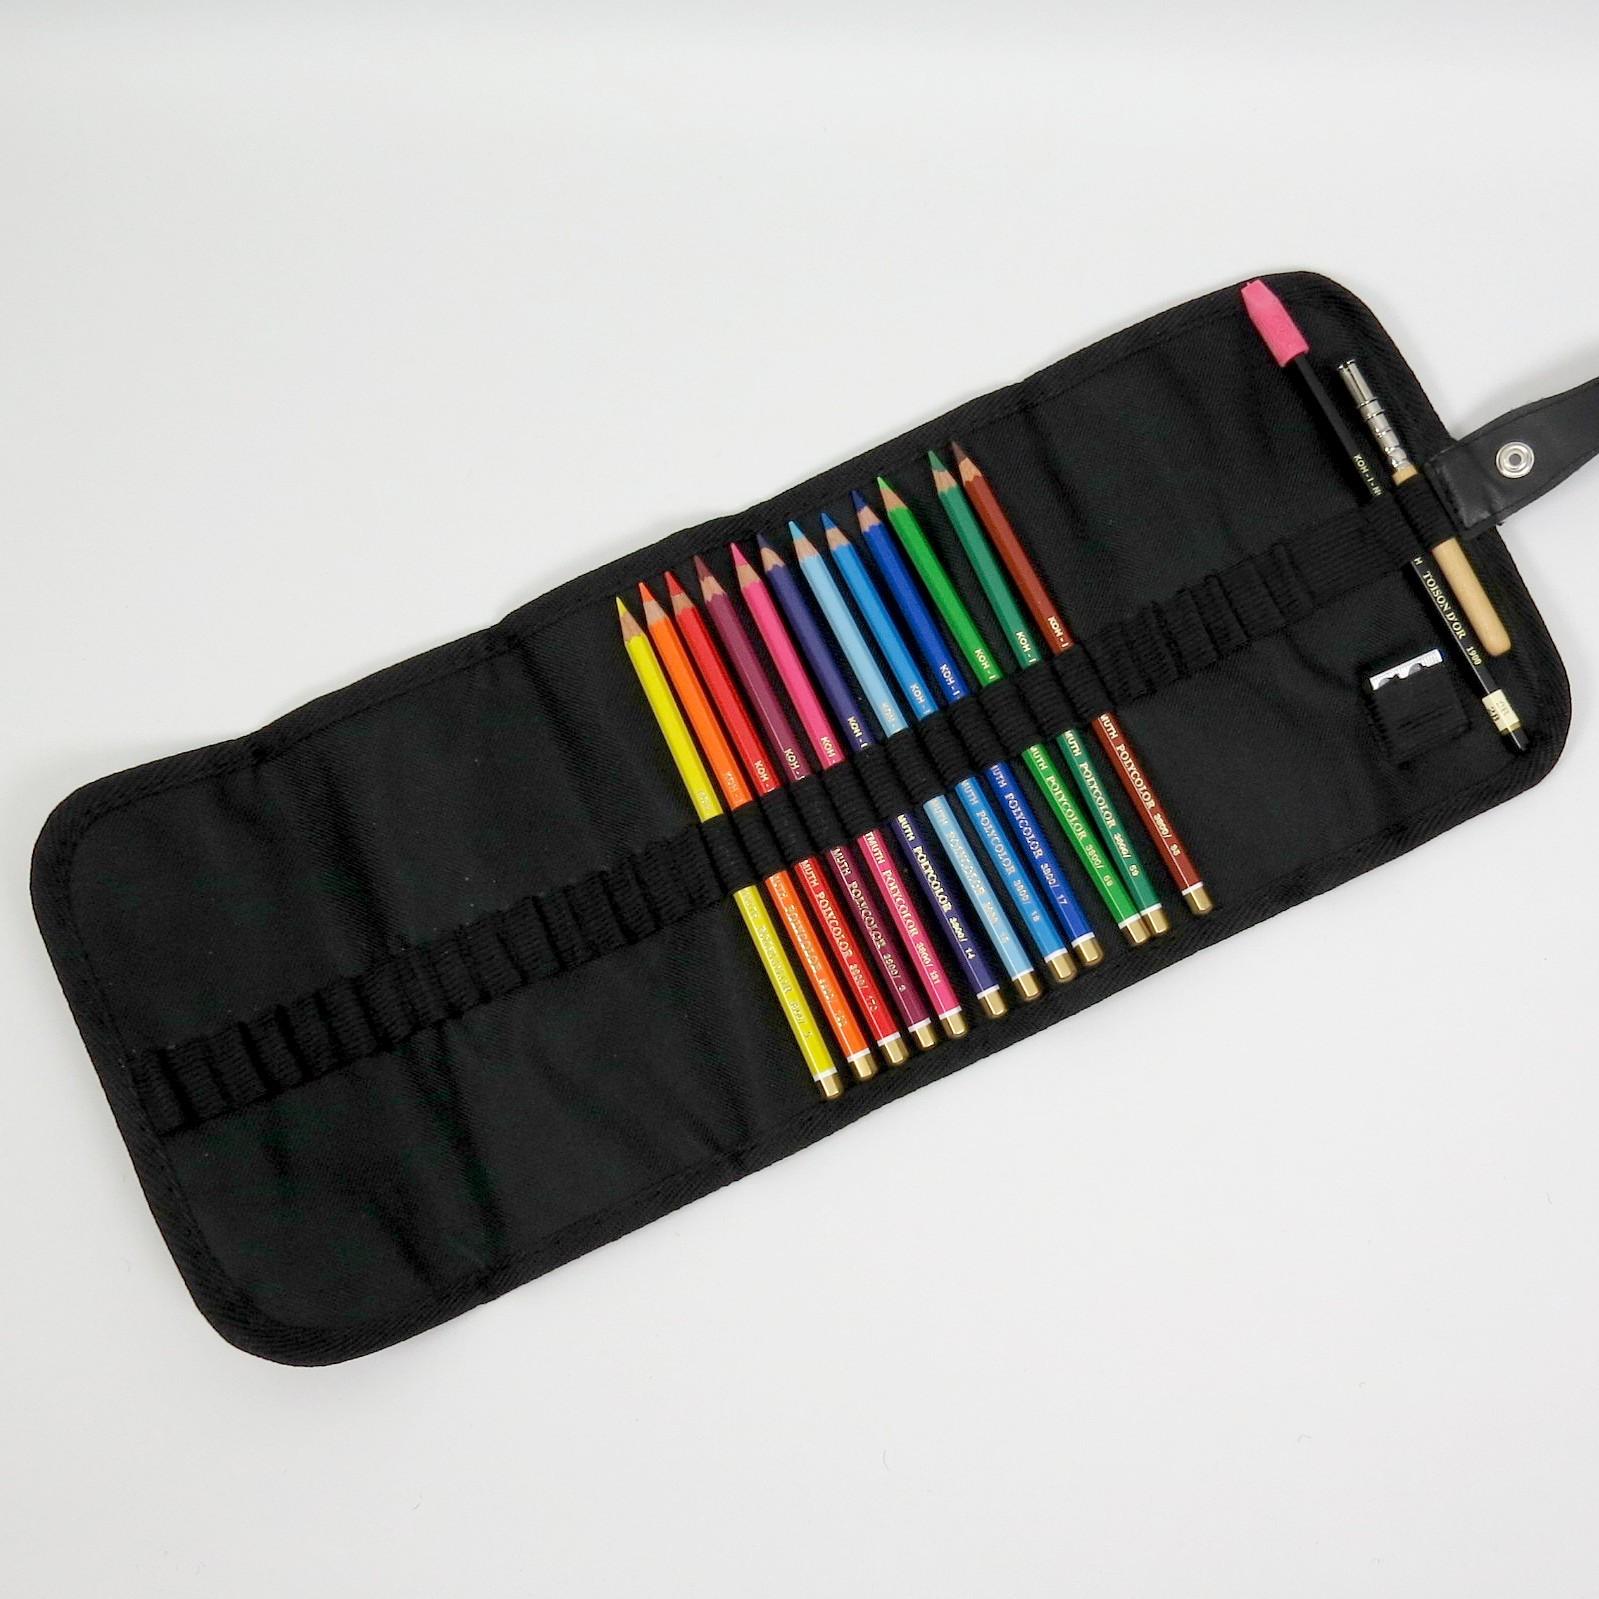 Stifterolle befüllt mit 12 Polycolor Buntstiften von Koh-I-Noor